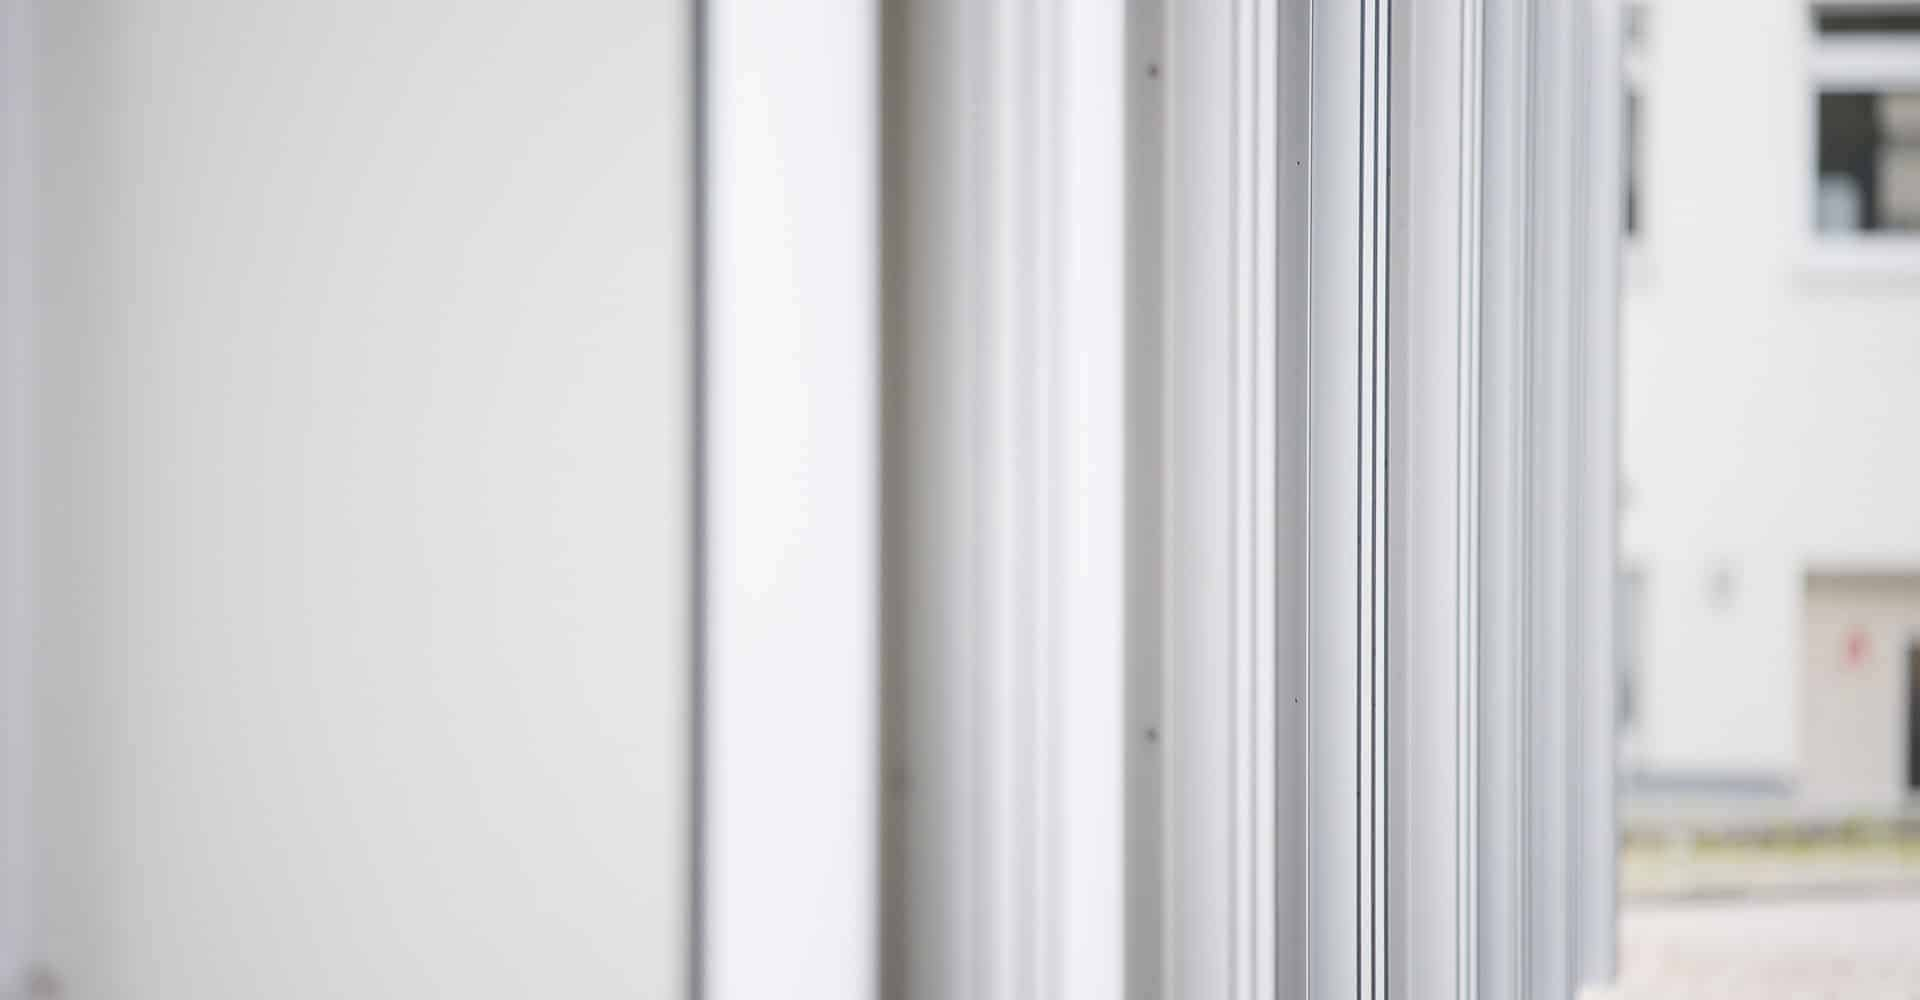 MEDNEO MODULAR RADIOLOGIE | Mit dem modularen Radiologiekonzept wird eine kosteneffiziente und flexible radiologische Gesamtlösung für den weltweiten Einsatz entwickelt. Voll ausgestattete Diagnostikzentren werden als vorgefertigte Raummodule in Deutschland von uns in standardisierte Schiffscontainer montiert. Dann werden sie in die jeweiligen Zielländer transportiert, binnen weniger Tage aufgestellt und dort direkt in Betrieb genommen. Entwicklungs-, Transport und Errichtungskosten werden auf diese Weise signifikant gesenkt. Das flexible Raumsystem erlaubt eine beliebige Erweiterung der baulichen und gerätetechnischen Ausstattung der entstehenden Radiologieeinheit. Eine hochmoderne IT-Struktur wird als Software-as-a-Service-Lösung (SaaS) zur Verfügung gestellt. Die akquirierten Bilder können zur Befundung teleradiologisch direkt nach Deutschland übertragen und dort im Teleradiologienetzwerk durch Experten ausgewertet werden.